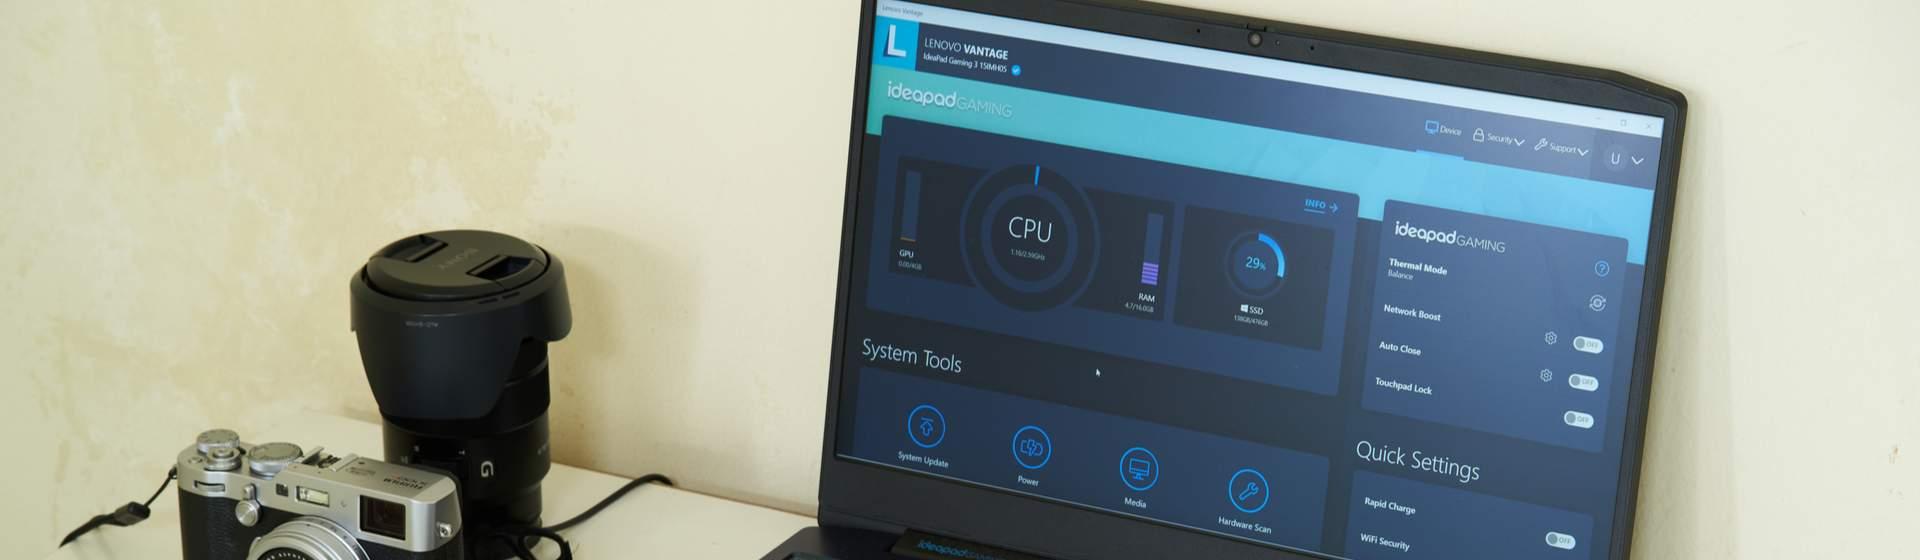 Melhor notebook Full HD para comprar em 2021: veja vários modelos